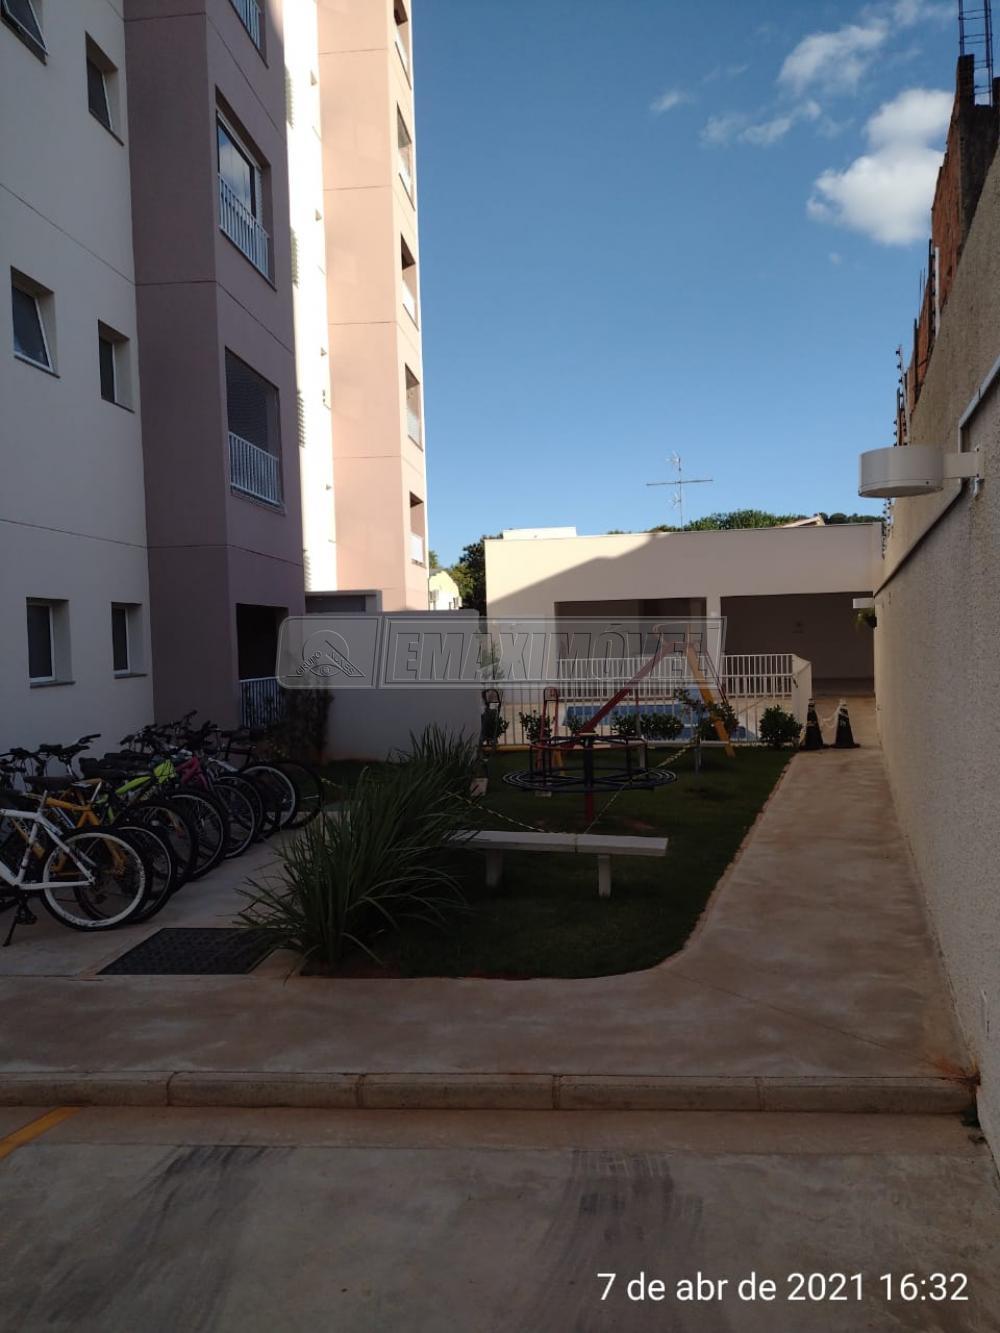 Comprar Apartamentos / Apto Padrão em Sorocaba R$ 280.000,00 - Foto 39